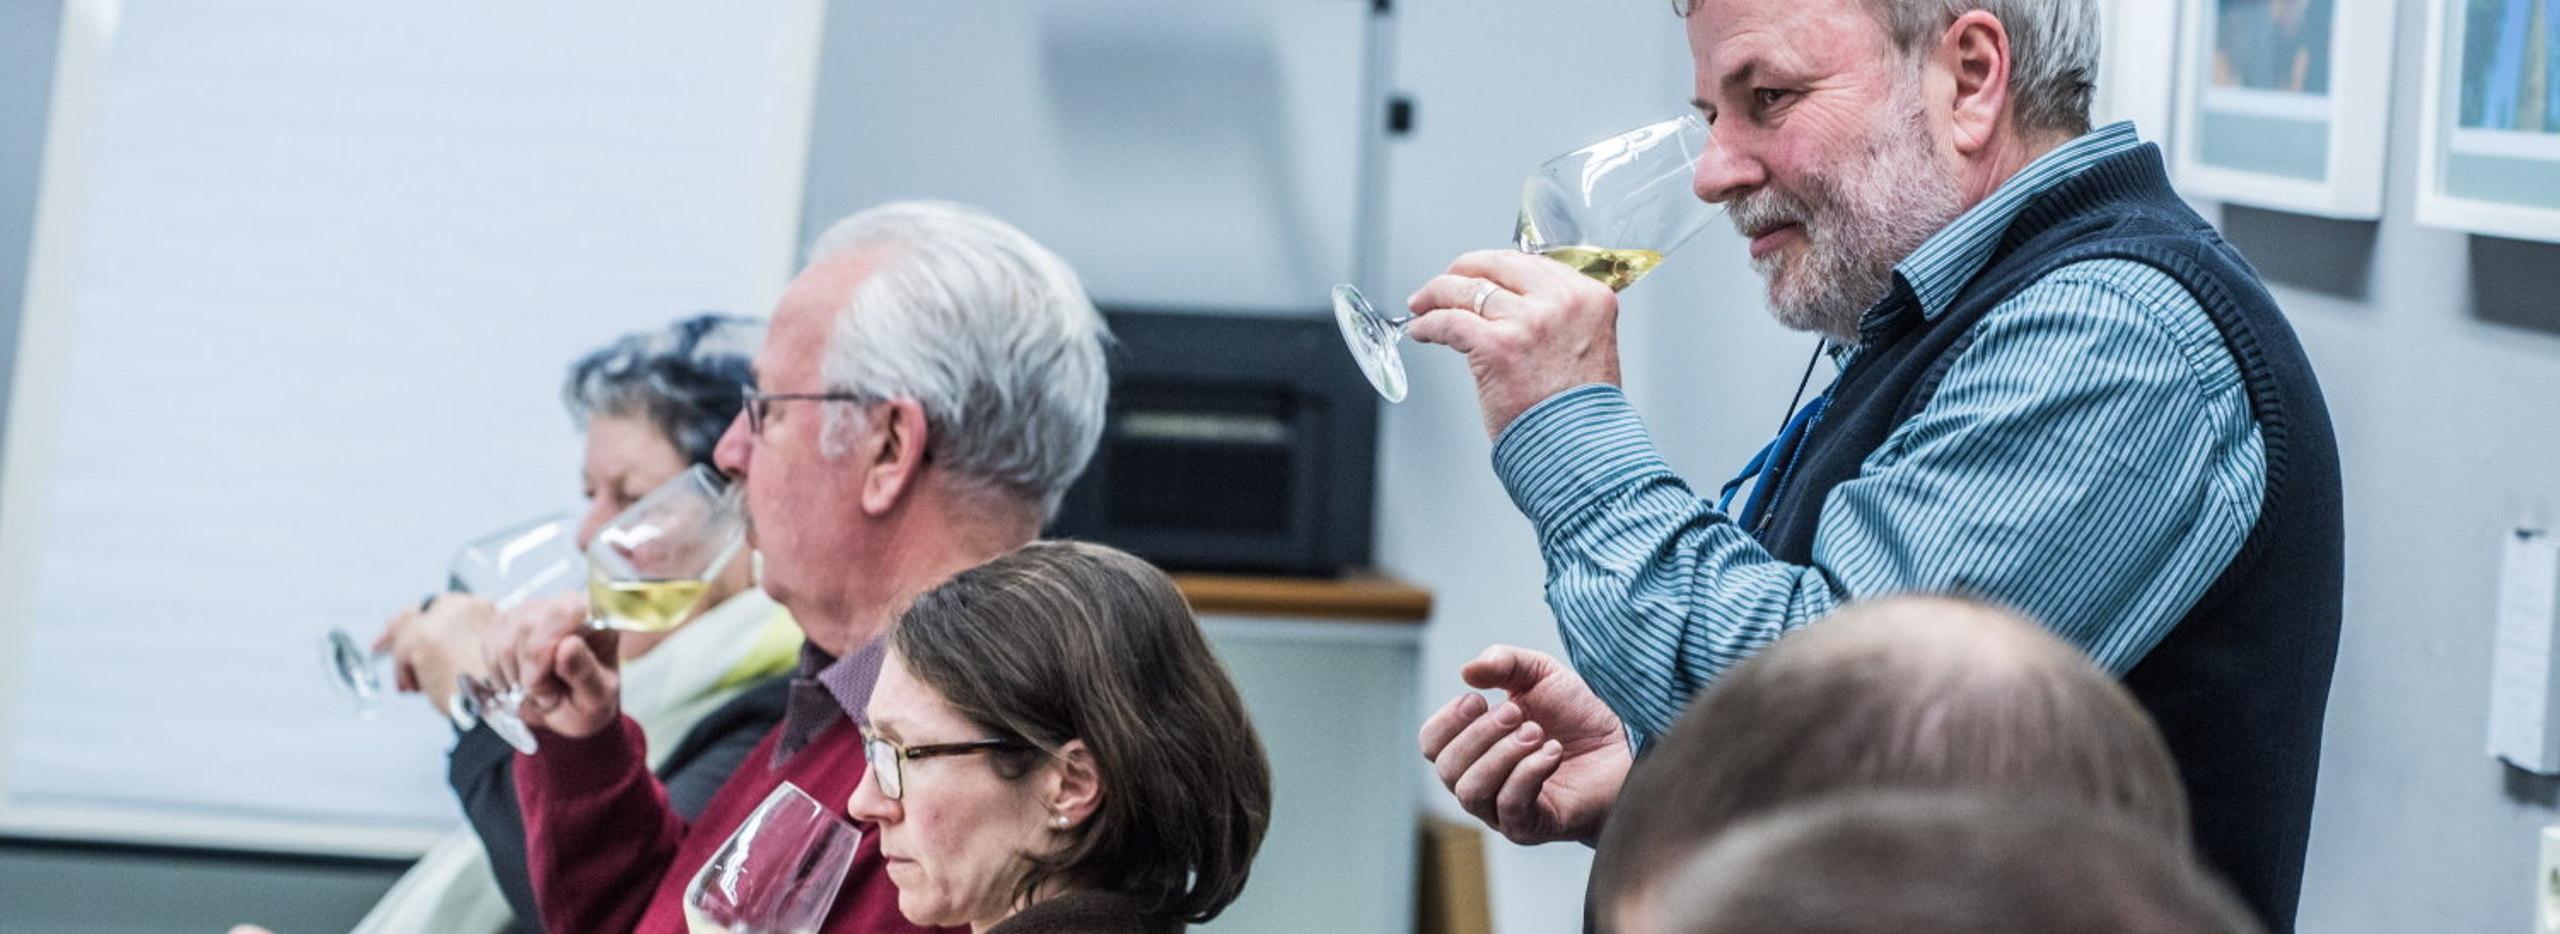 Weinseminar mit Hannes Rehm